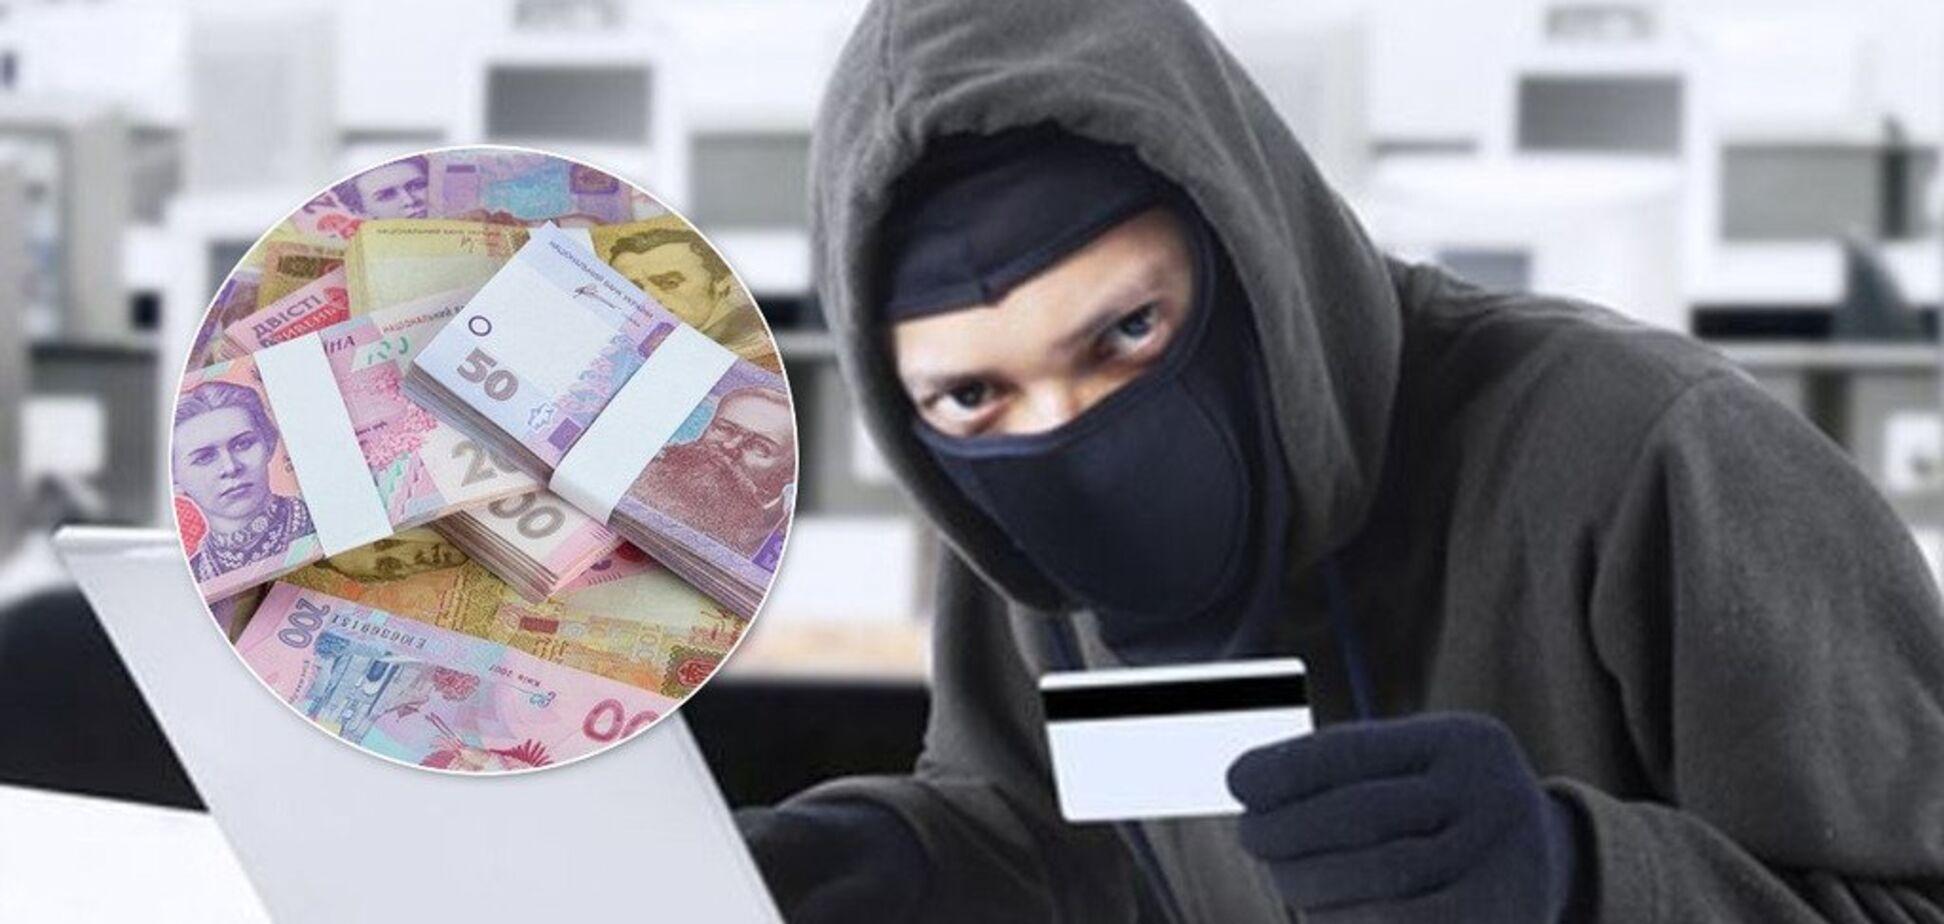 Хамят и прикрываются связями: в Украине крупный торговый сайт попал в скандал